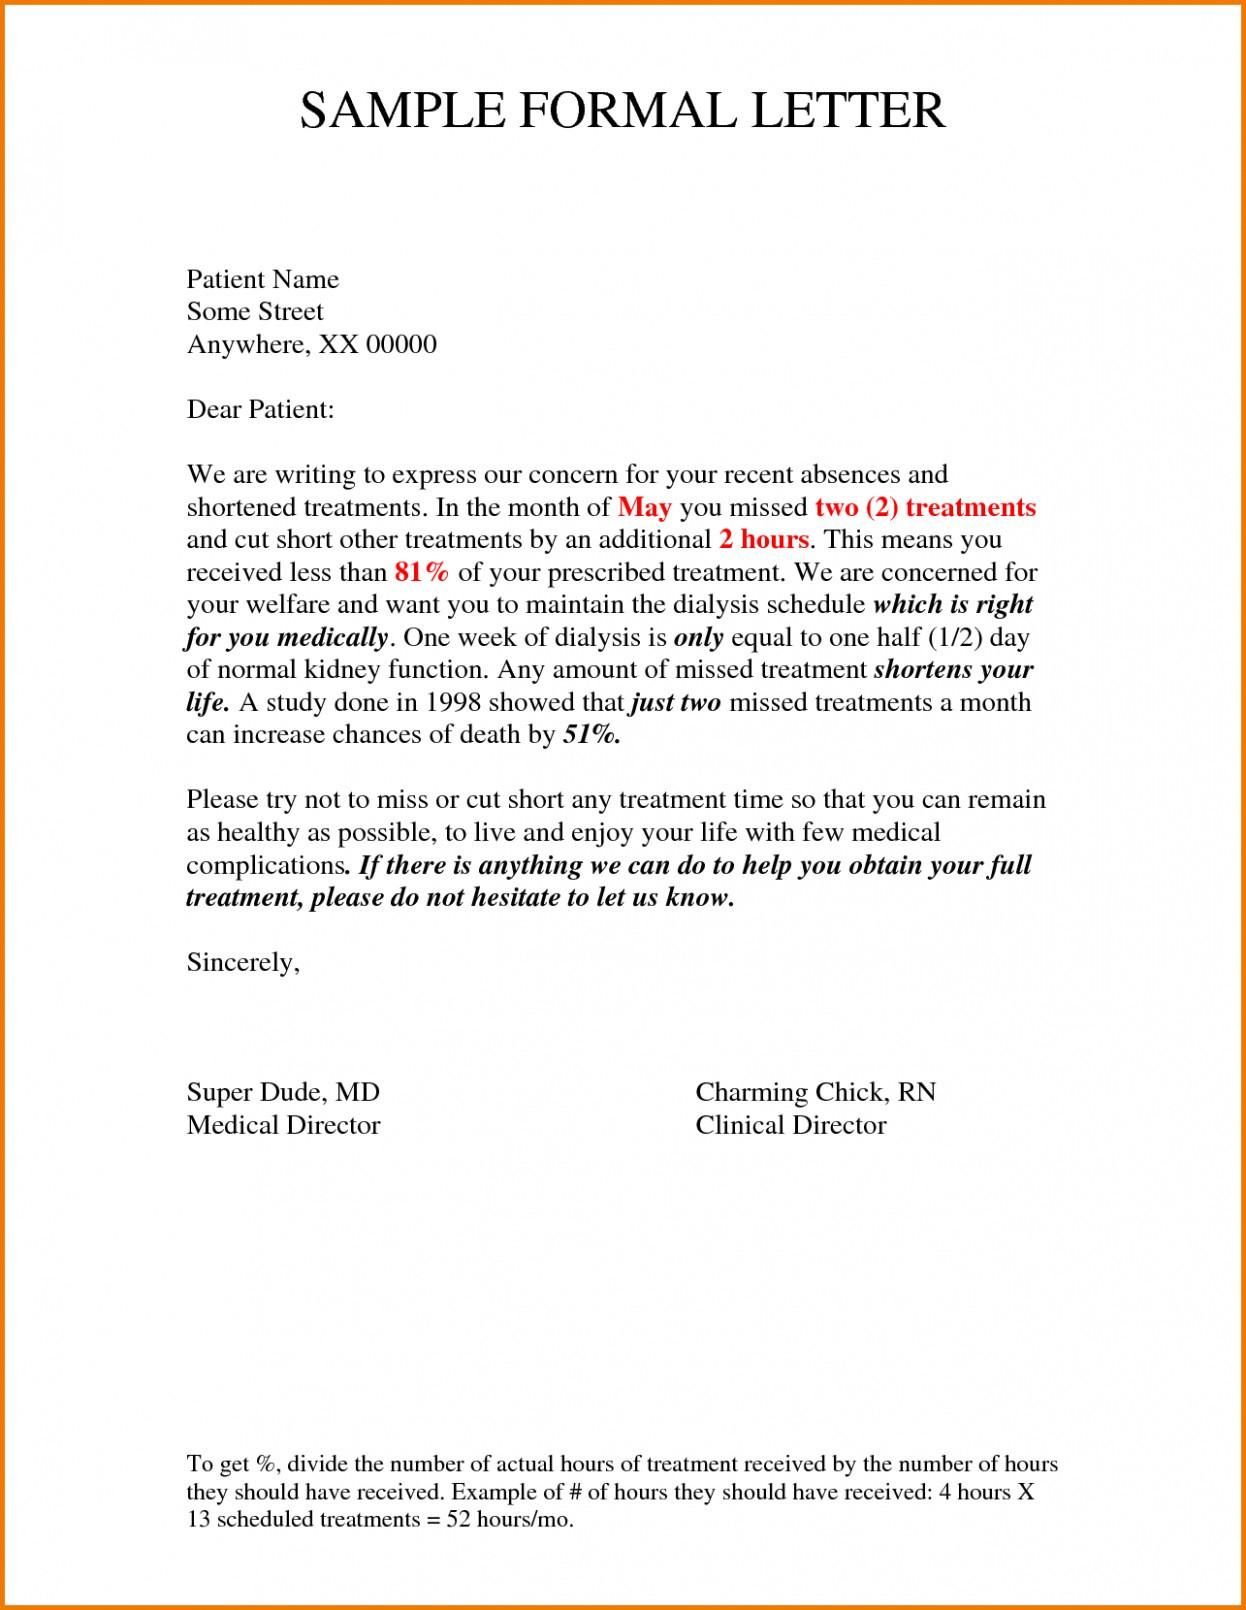 Formal Petition Letter Template - formal Letter format Request Valid Kick ass Informal Letter Short